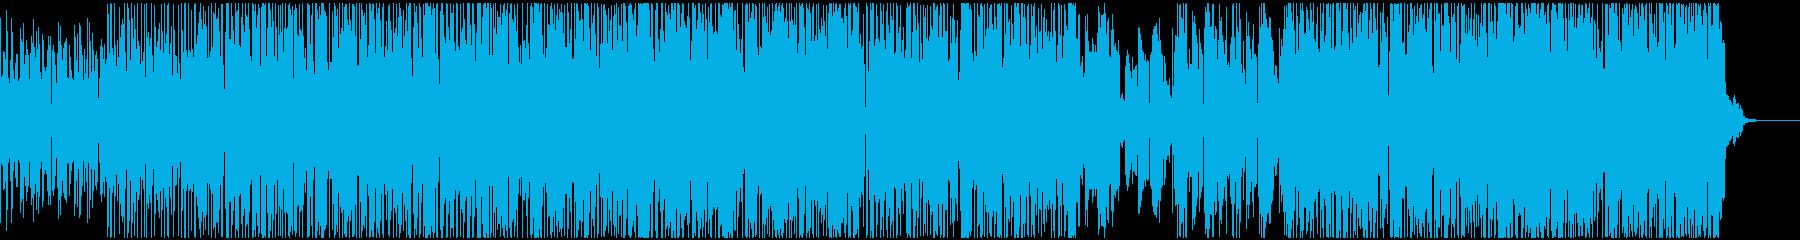 ファンクで怠惰な曲の再生済みの波形